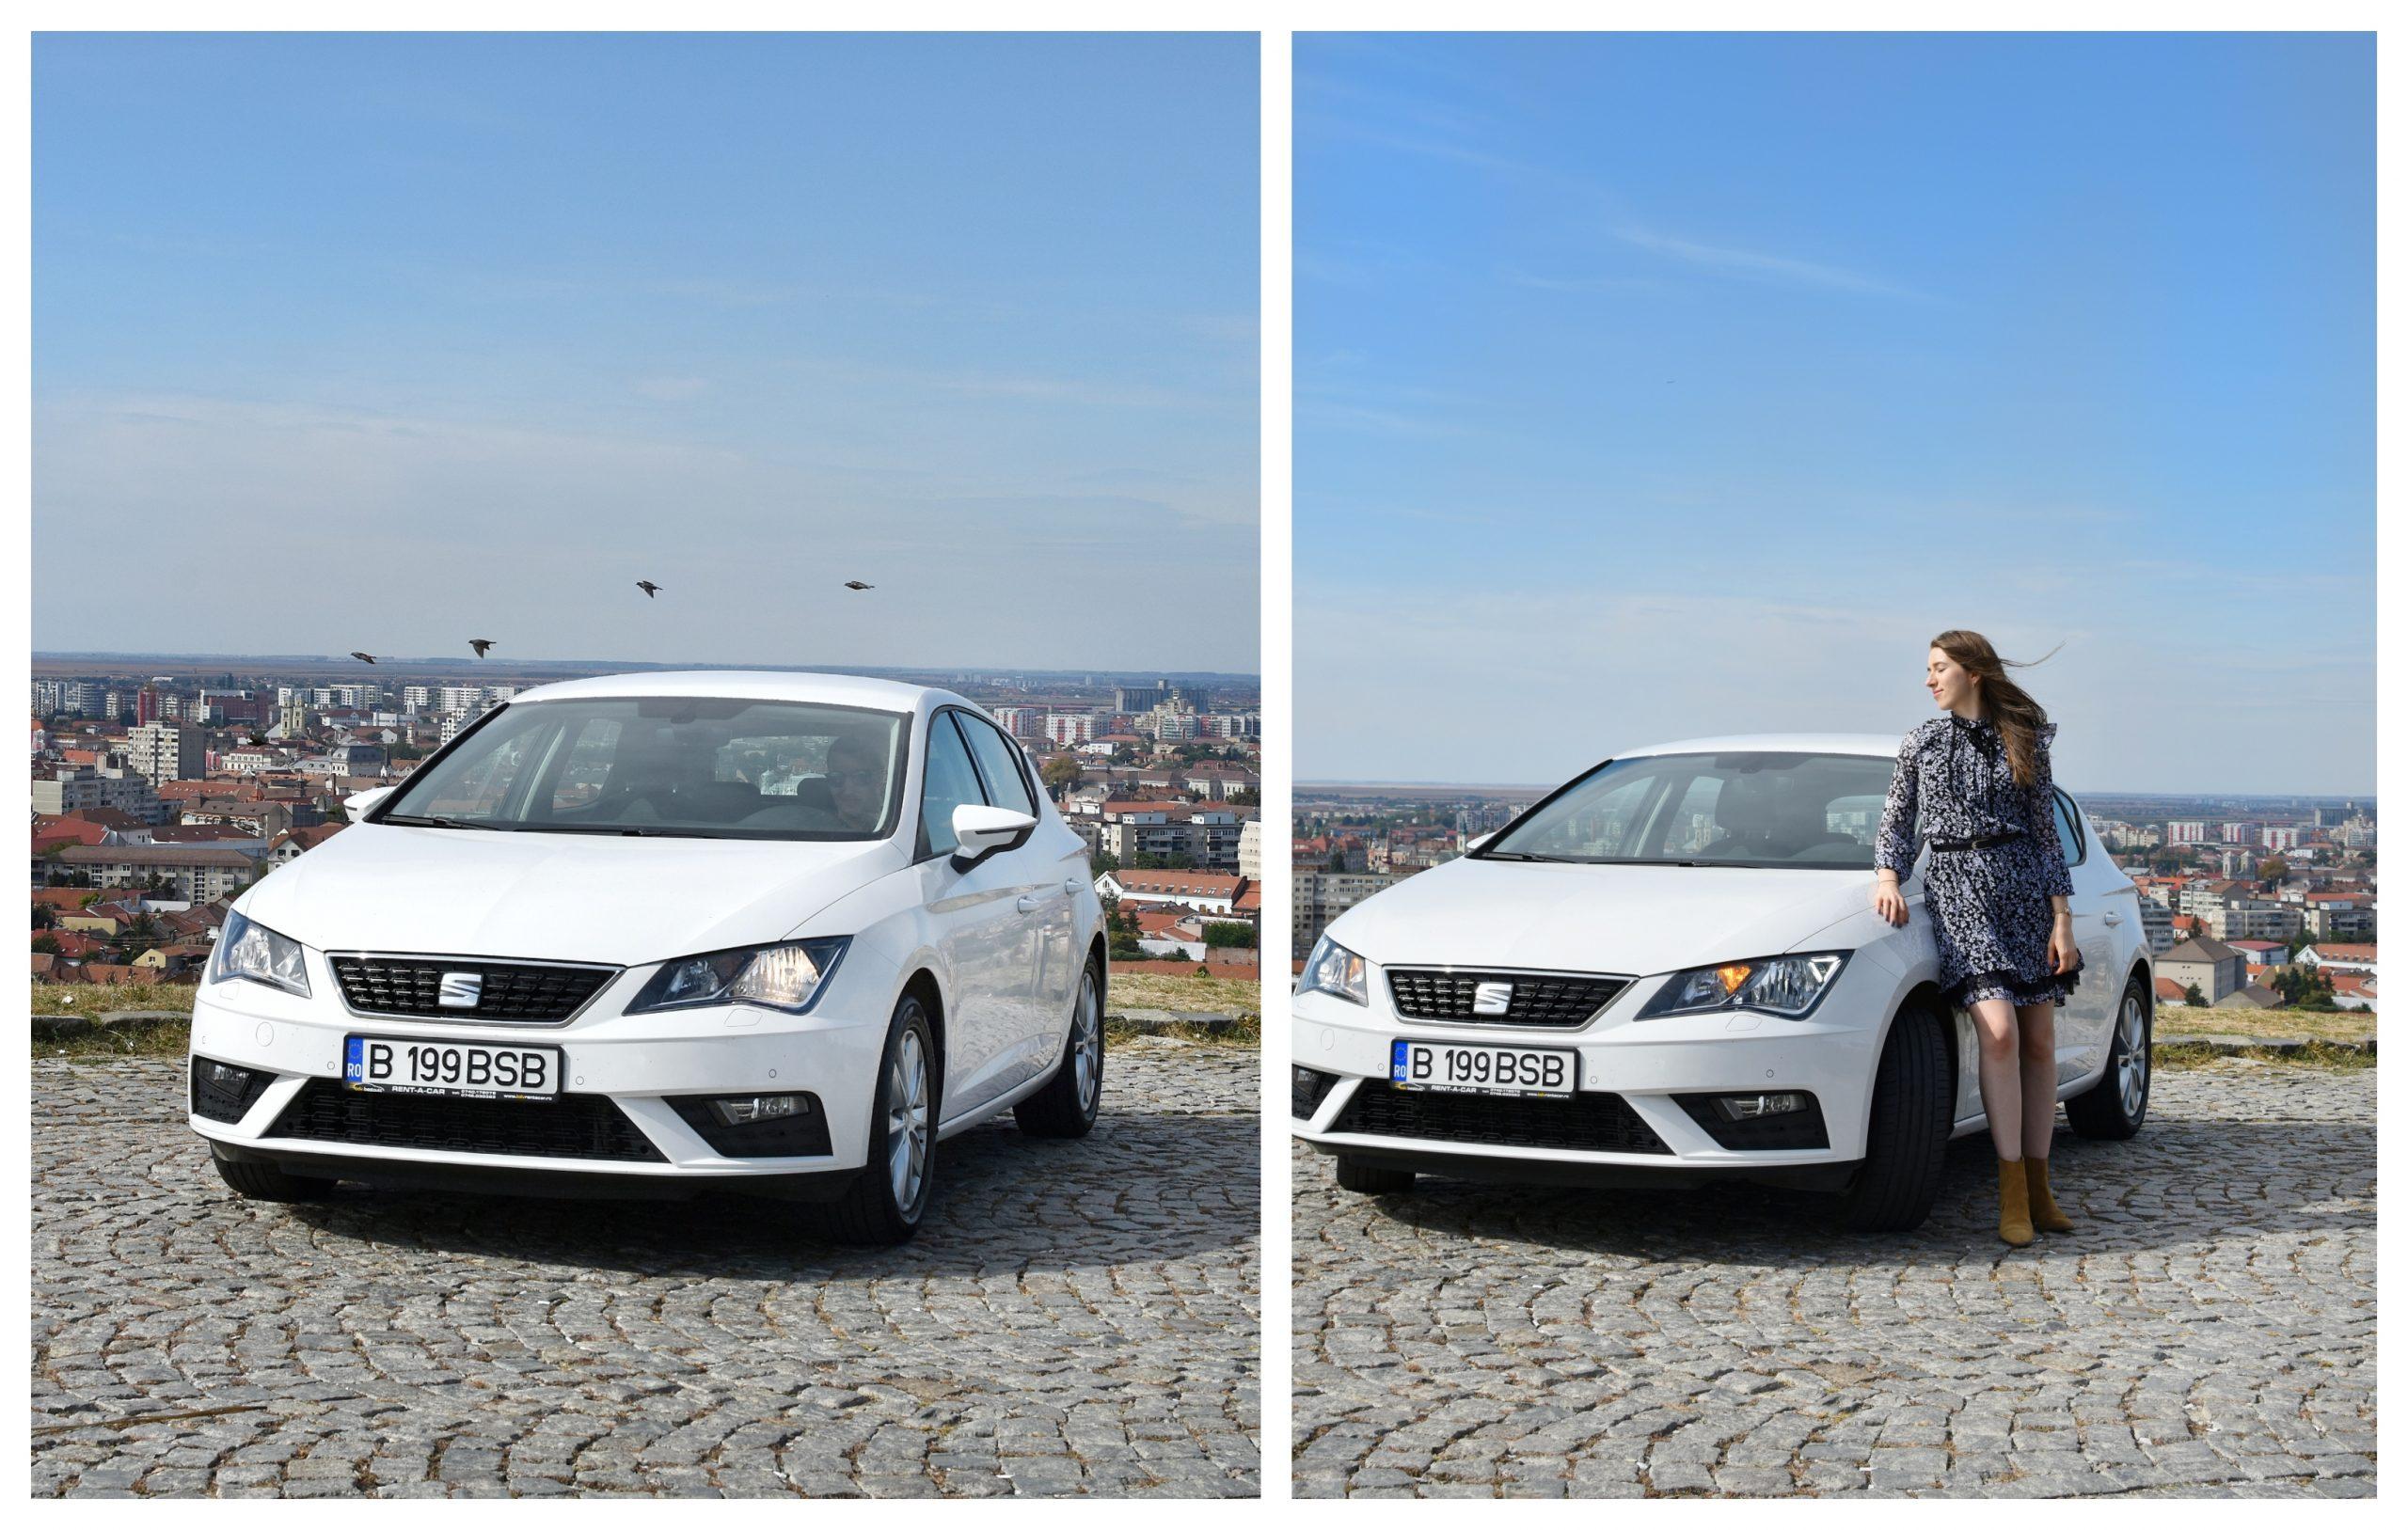 BDV - rent a car Cluj-Napoca - foodieopedia